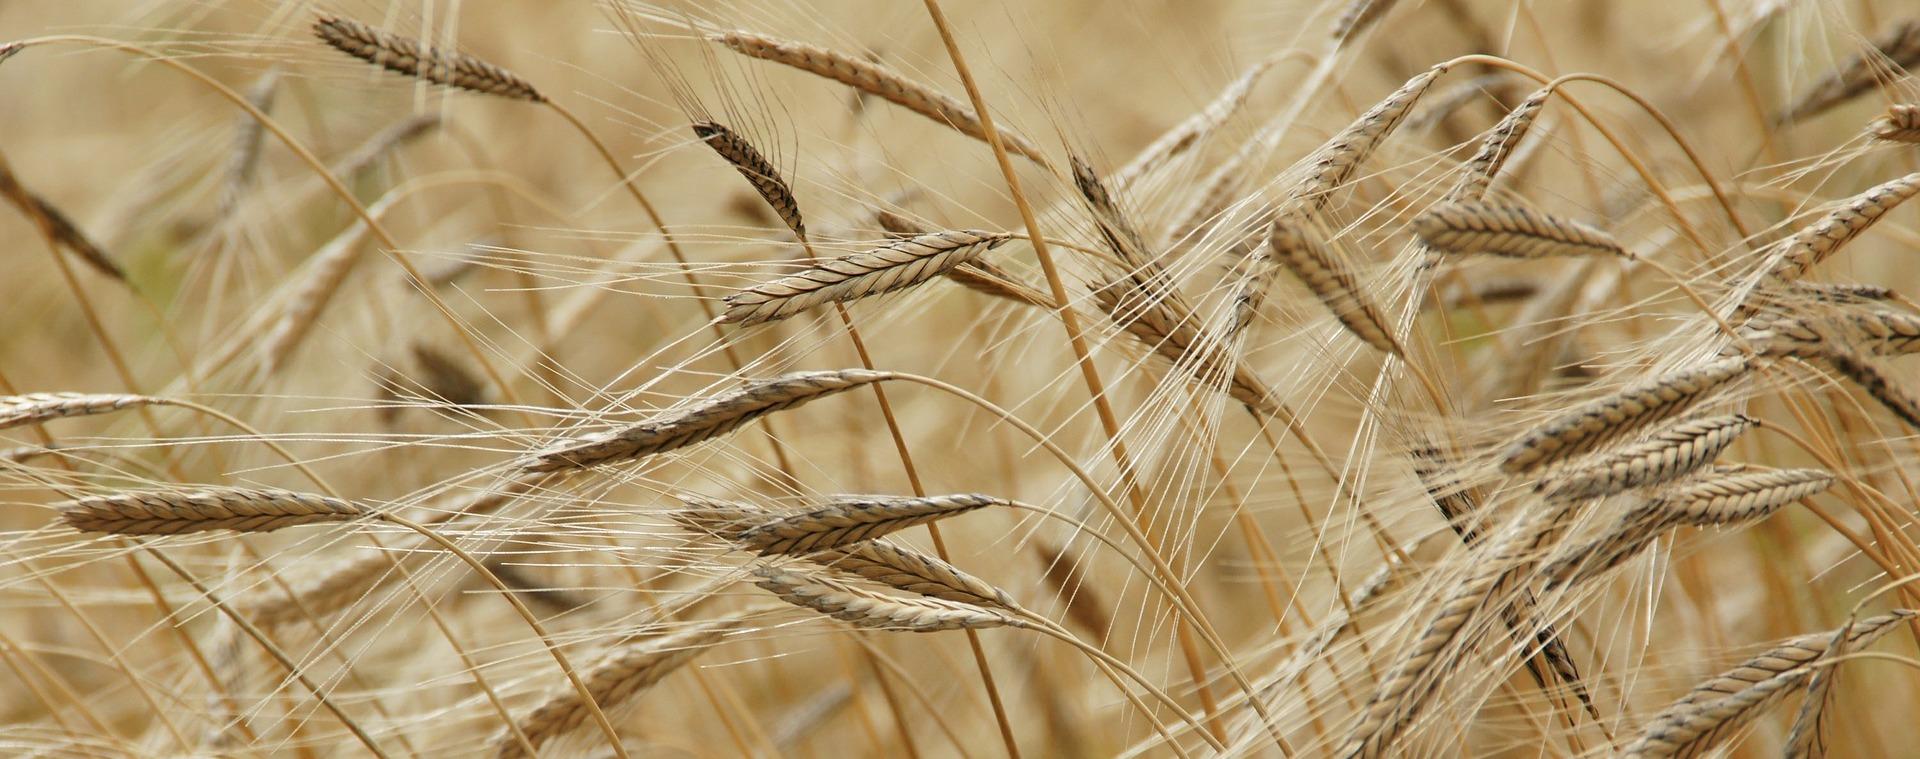 Stop al Protezionismo di Calenda-Martina: la qualità della pasta non dipende dalla provenienza del grano